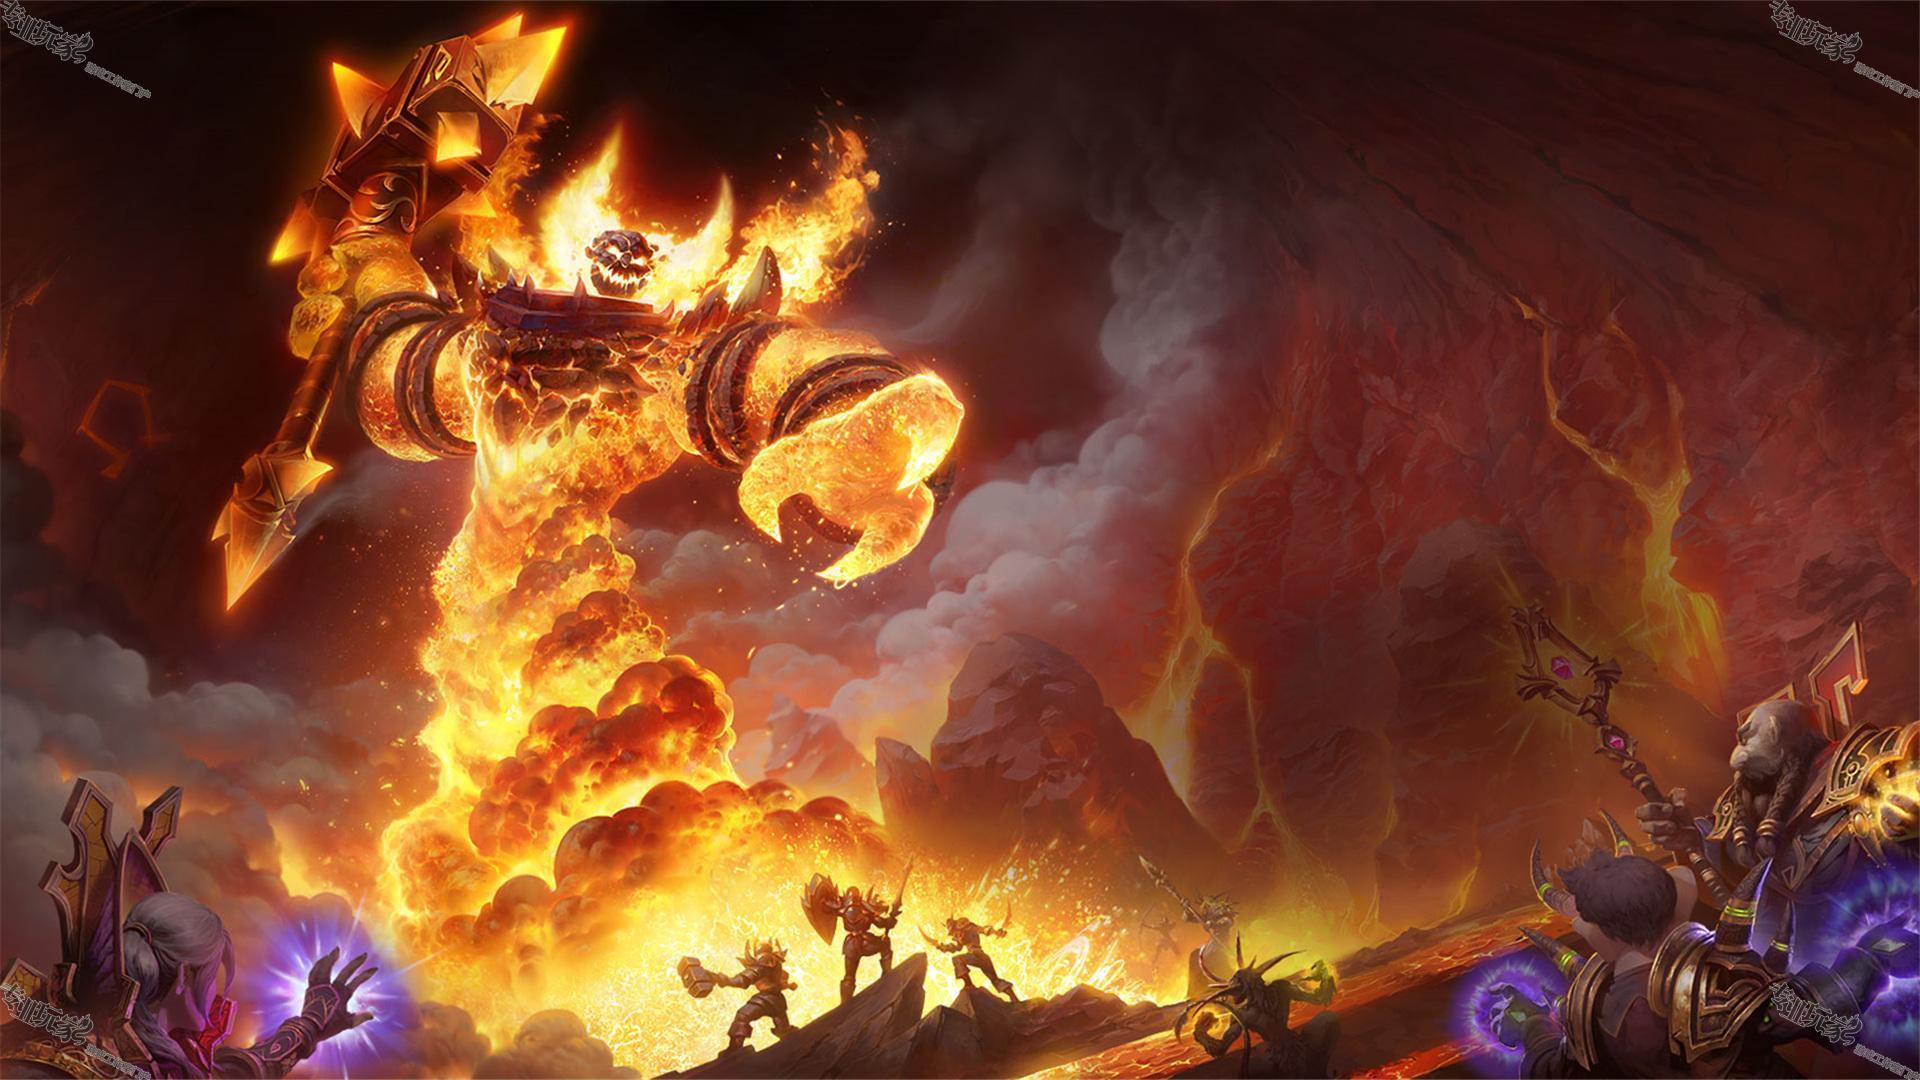 魔兽世界9.0暗影国度前瞻 Beta测试猫德阶段性总结